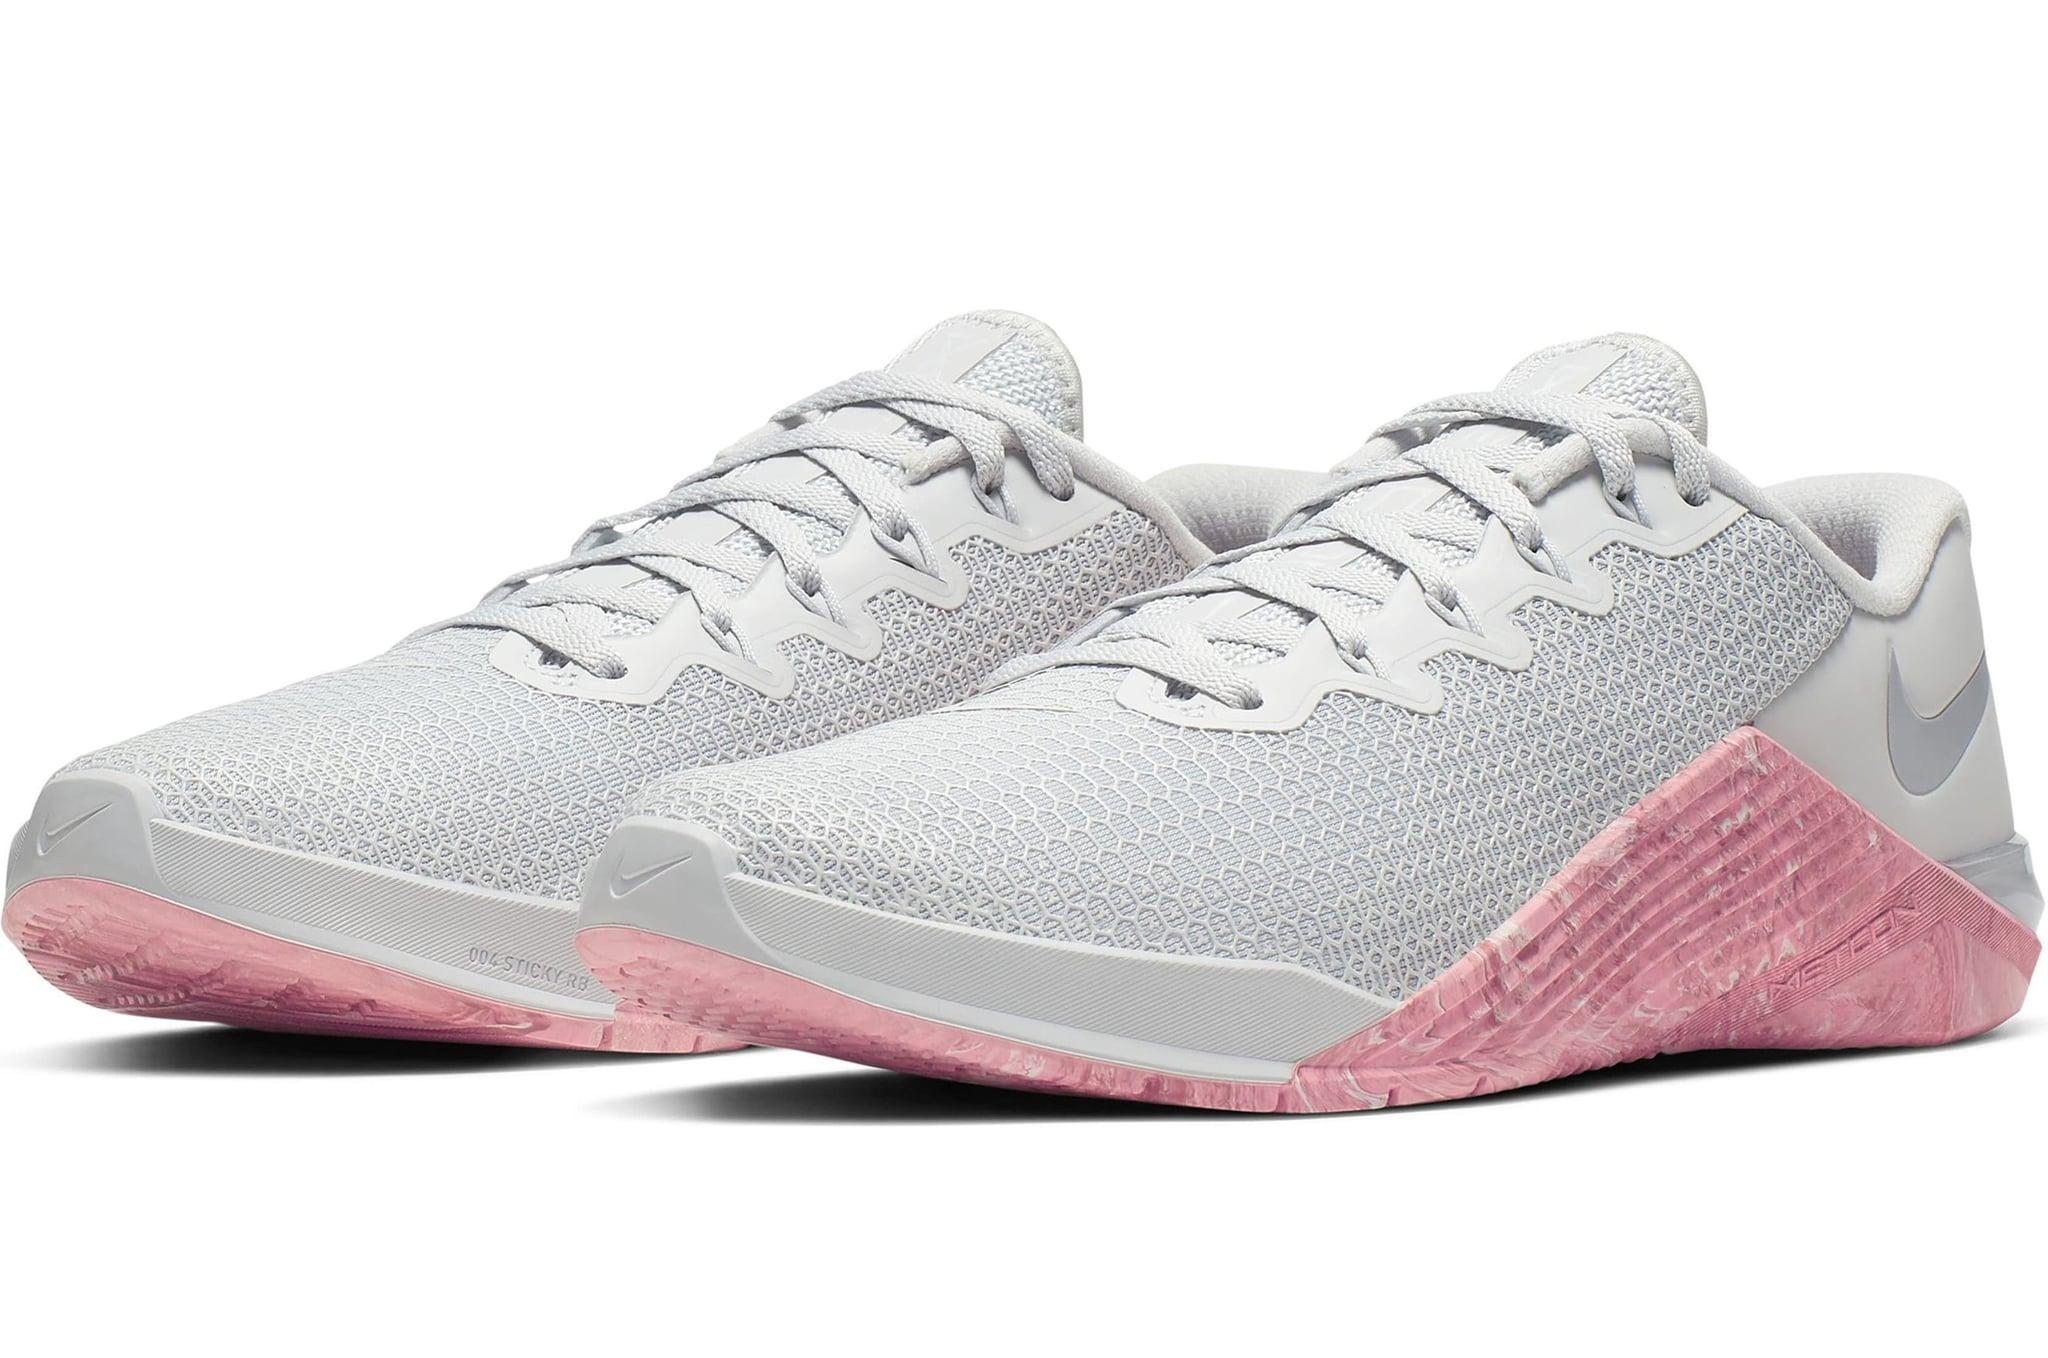 Nike Metcon 5 Training Shoe at